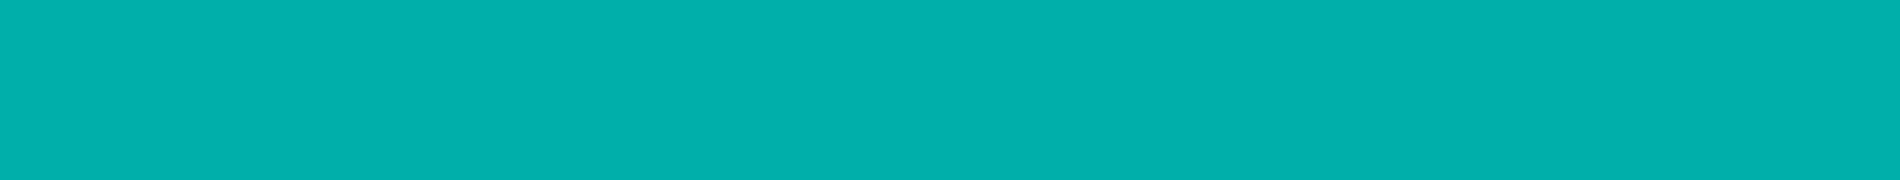 Aqua Teal banner